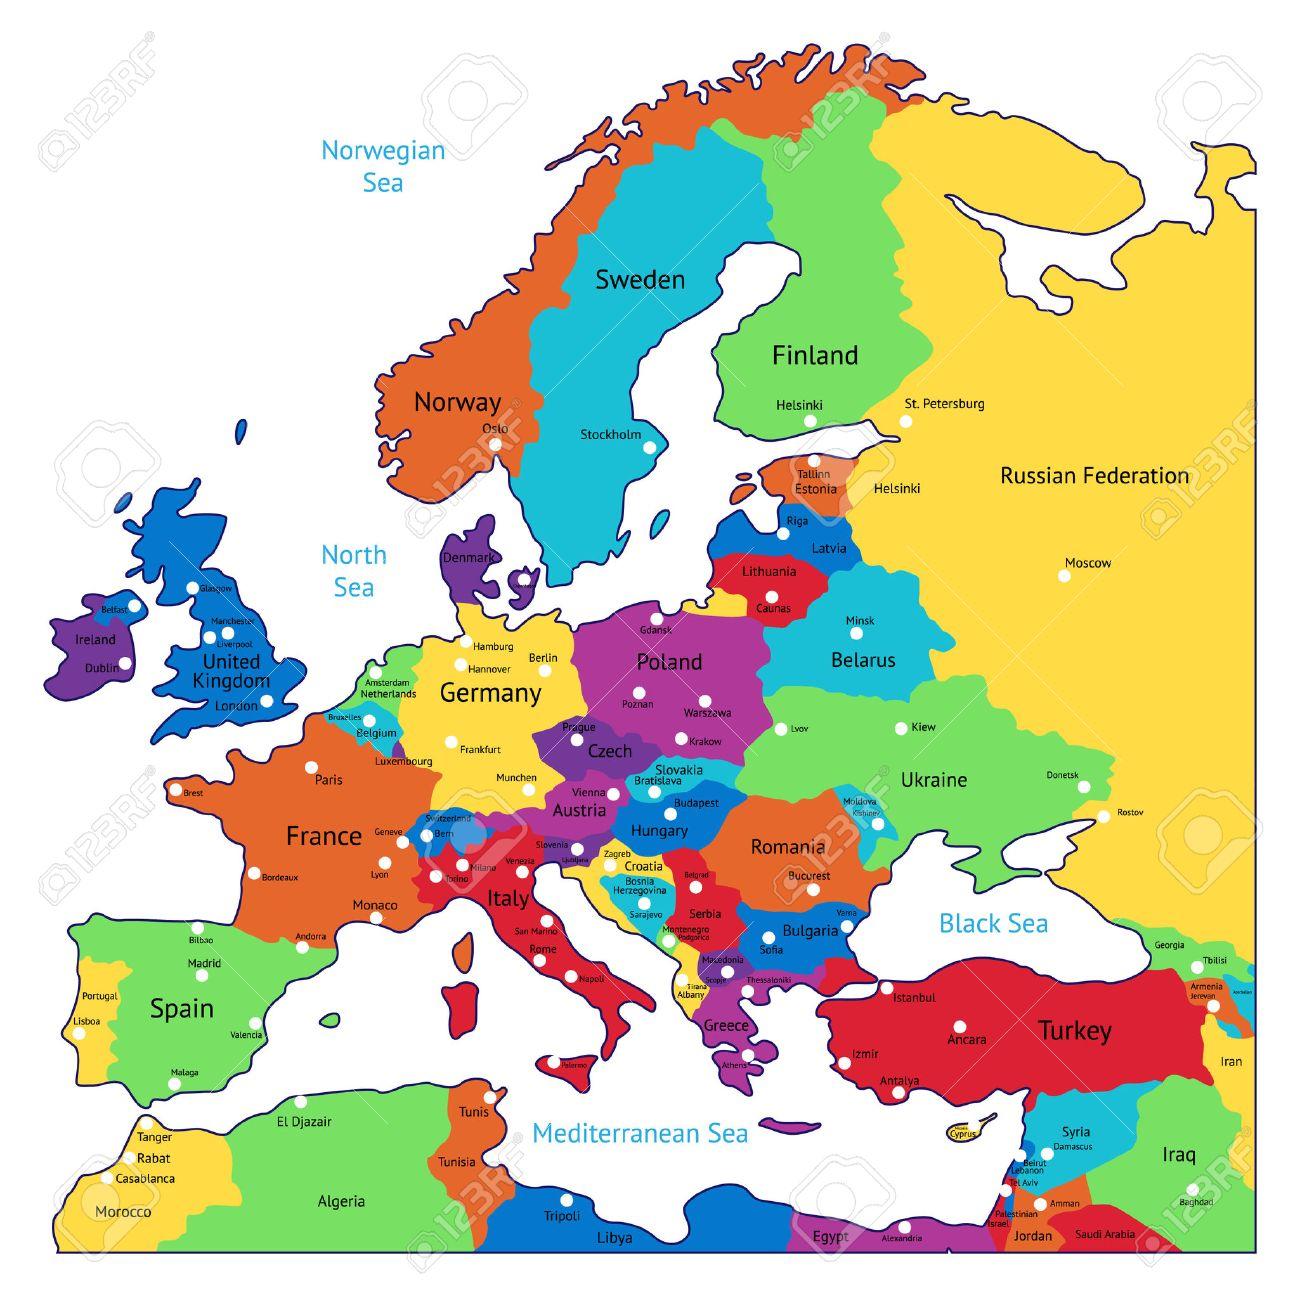 Cartina Europa Con Nomi.Mappa Multicolore D Europa I Nomi Marchi Di Citta E Confini Nazionali Sono In Strati Separati Illustrazione Vettoriale